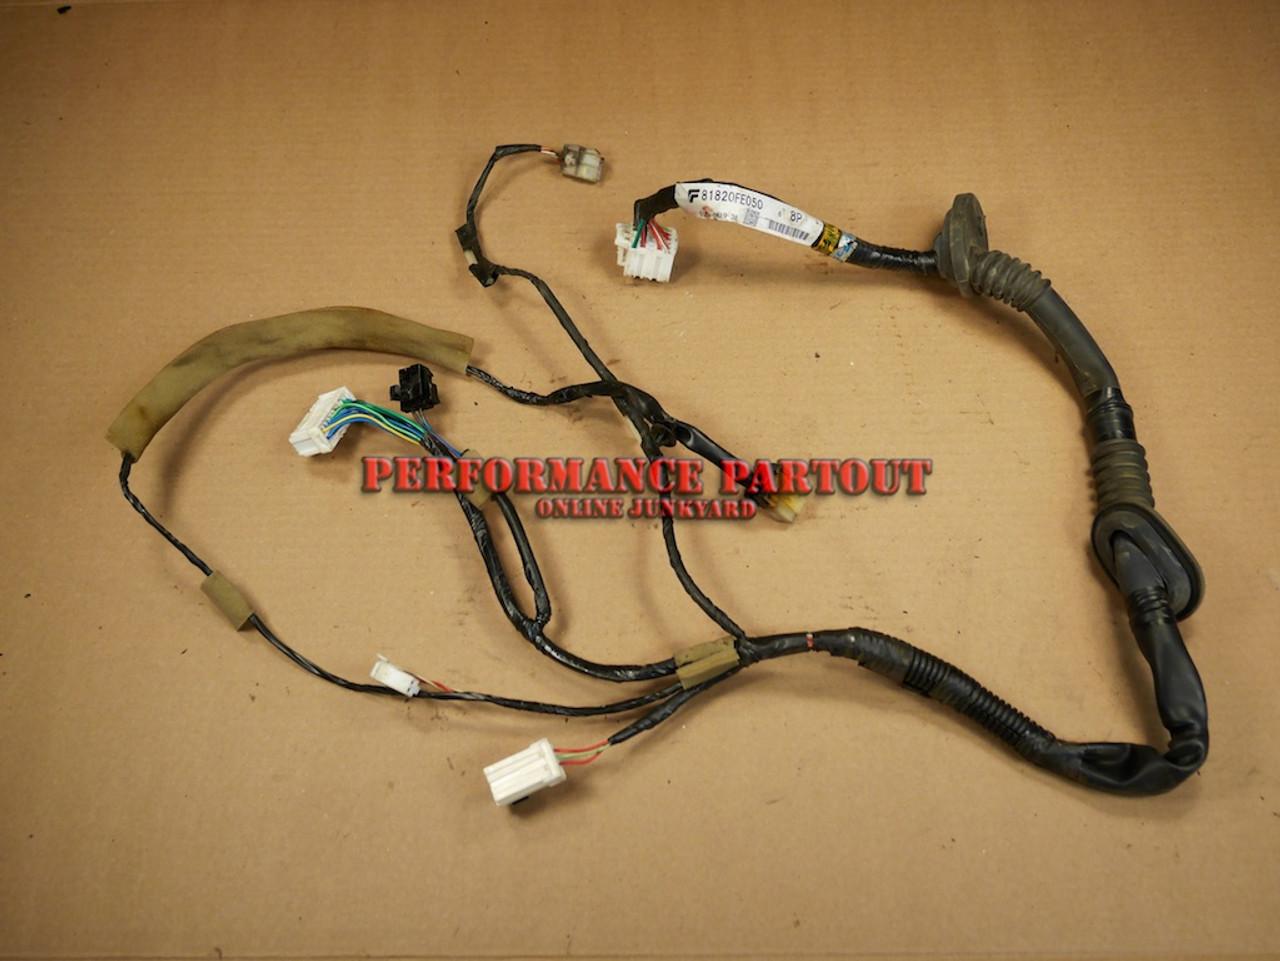 Door wiring harness Driver Front WRX 02-04 - Performance Partout on door strut, door decals, door switch, door speaker, door wiring boots, door wheels, door shocks,